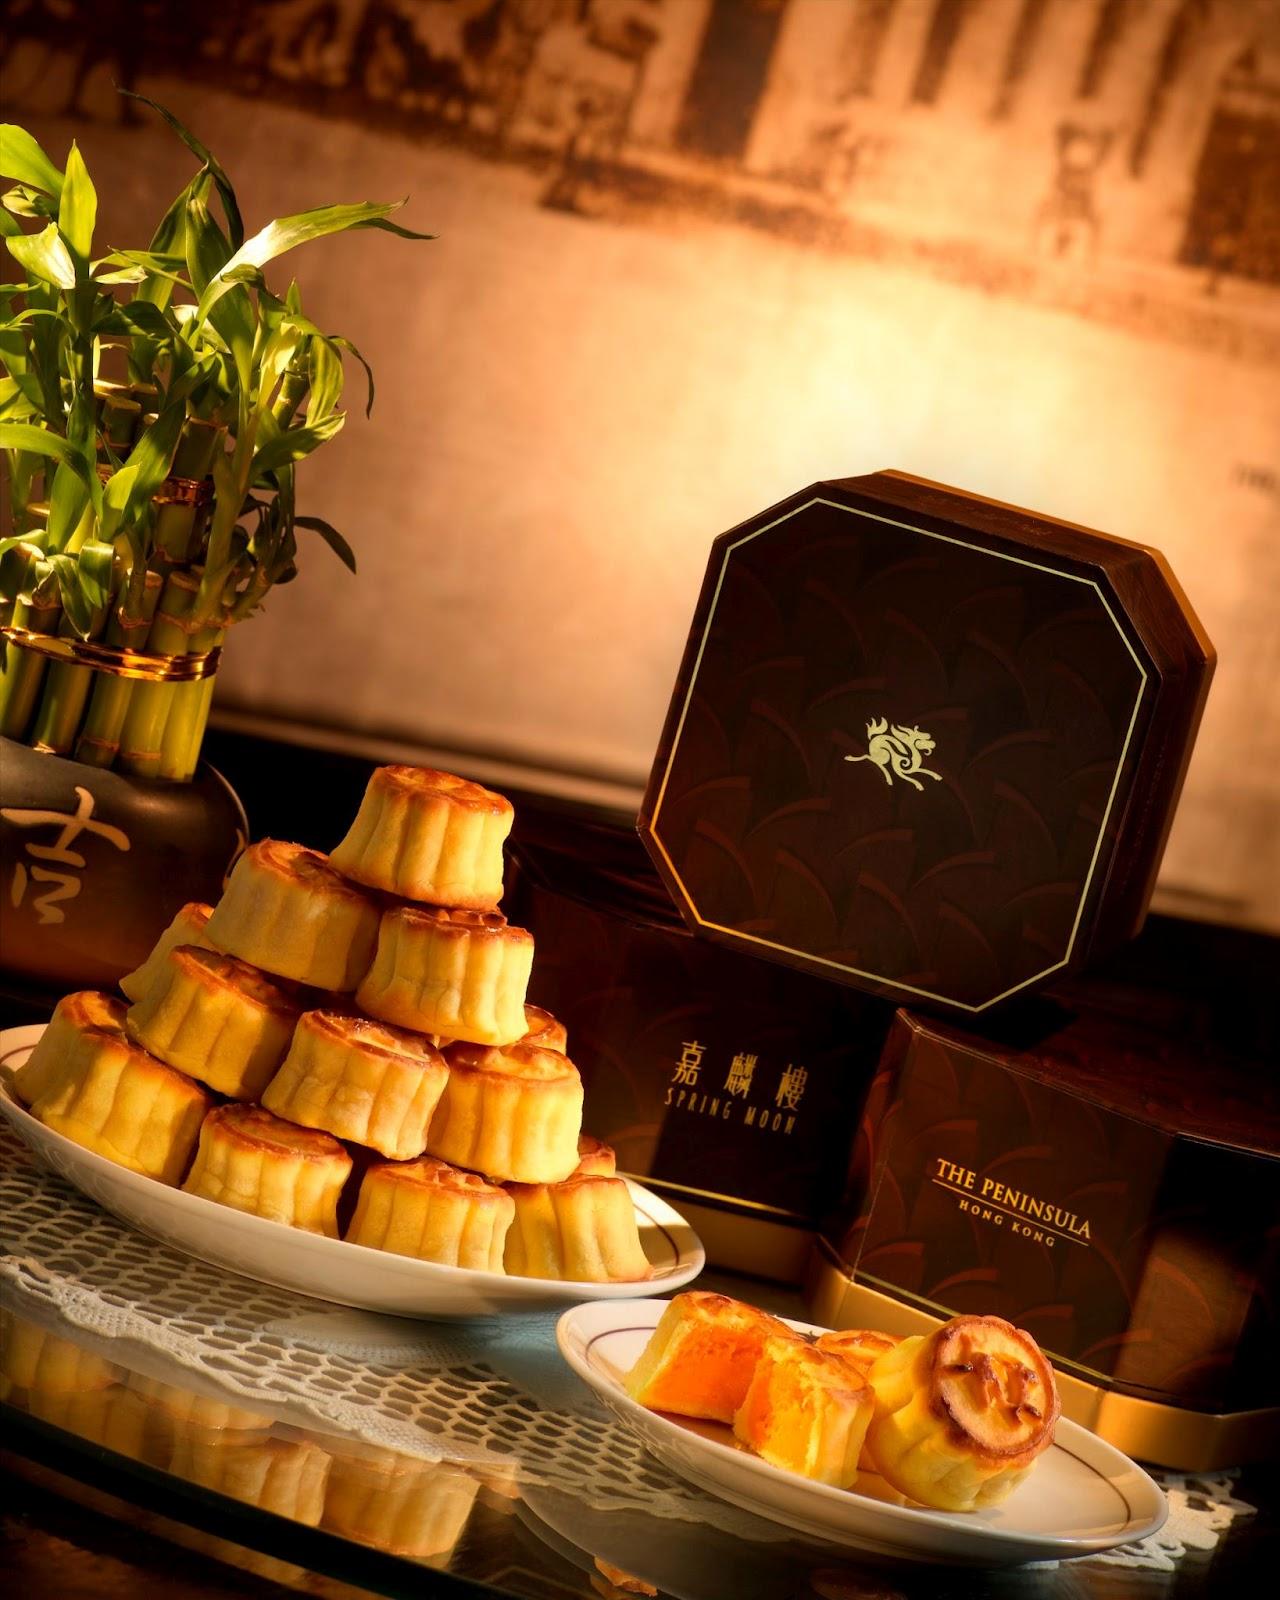 香港中秋月餅 Hong Kong Moon Cake: 半島嘉麟樓 奶皇月餅 今日賣曬